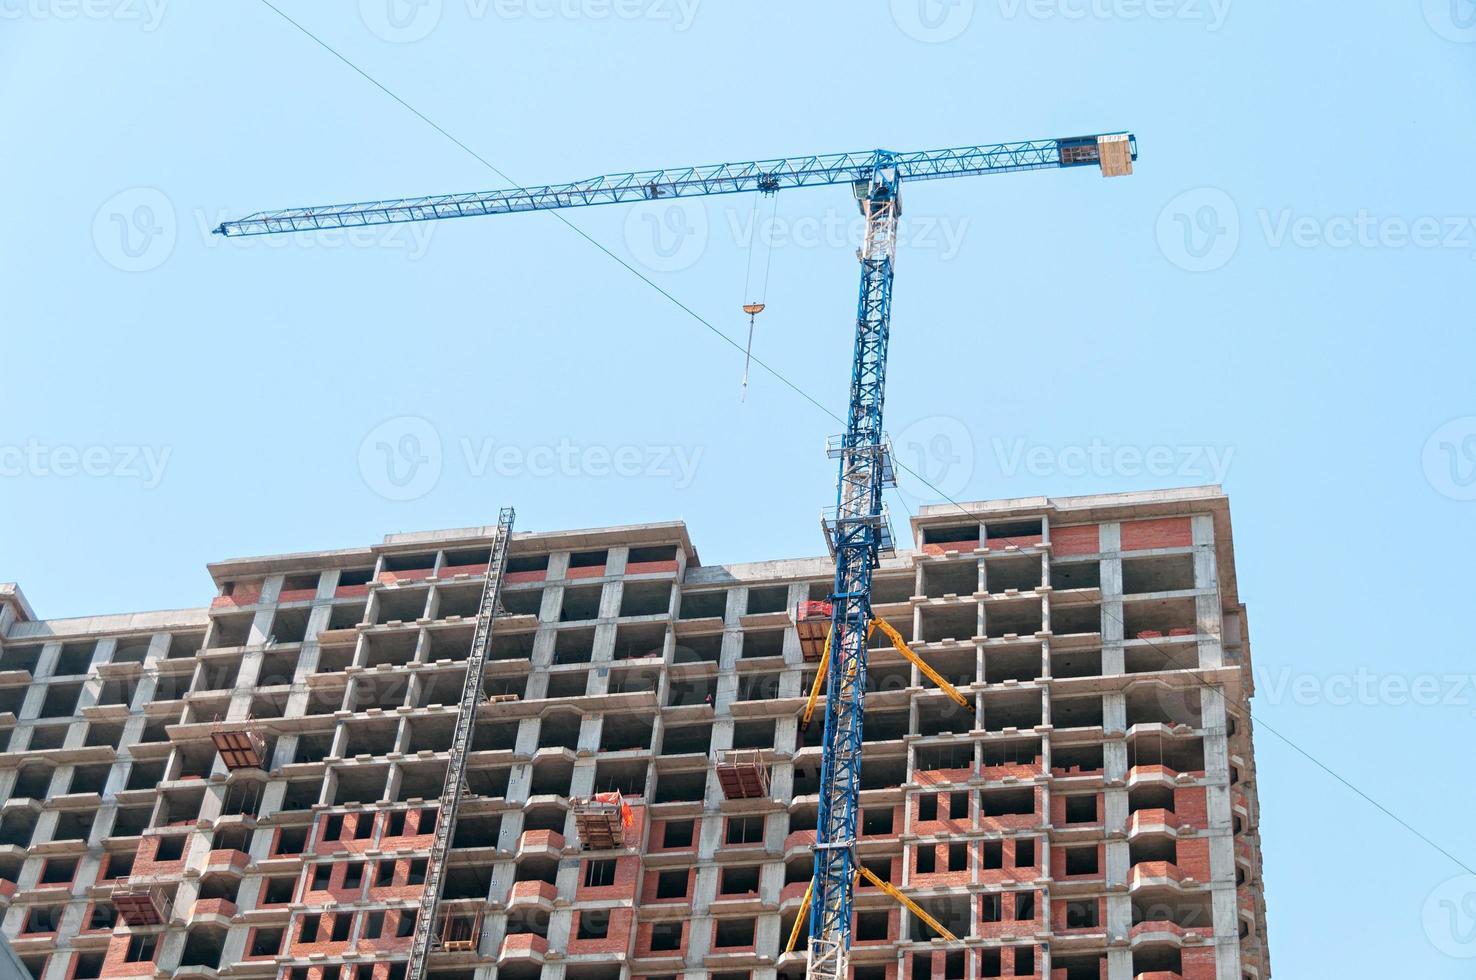 Turmkran auf der Baustelle moderner Gebäude und Wolkenkratzer foto